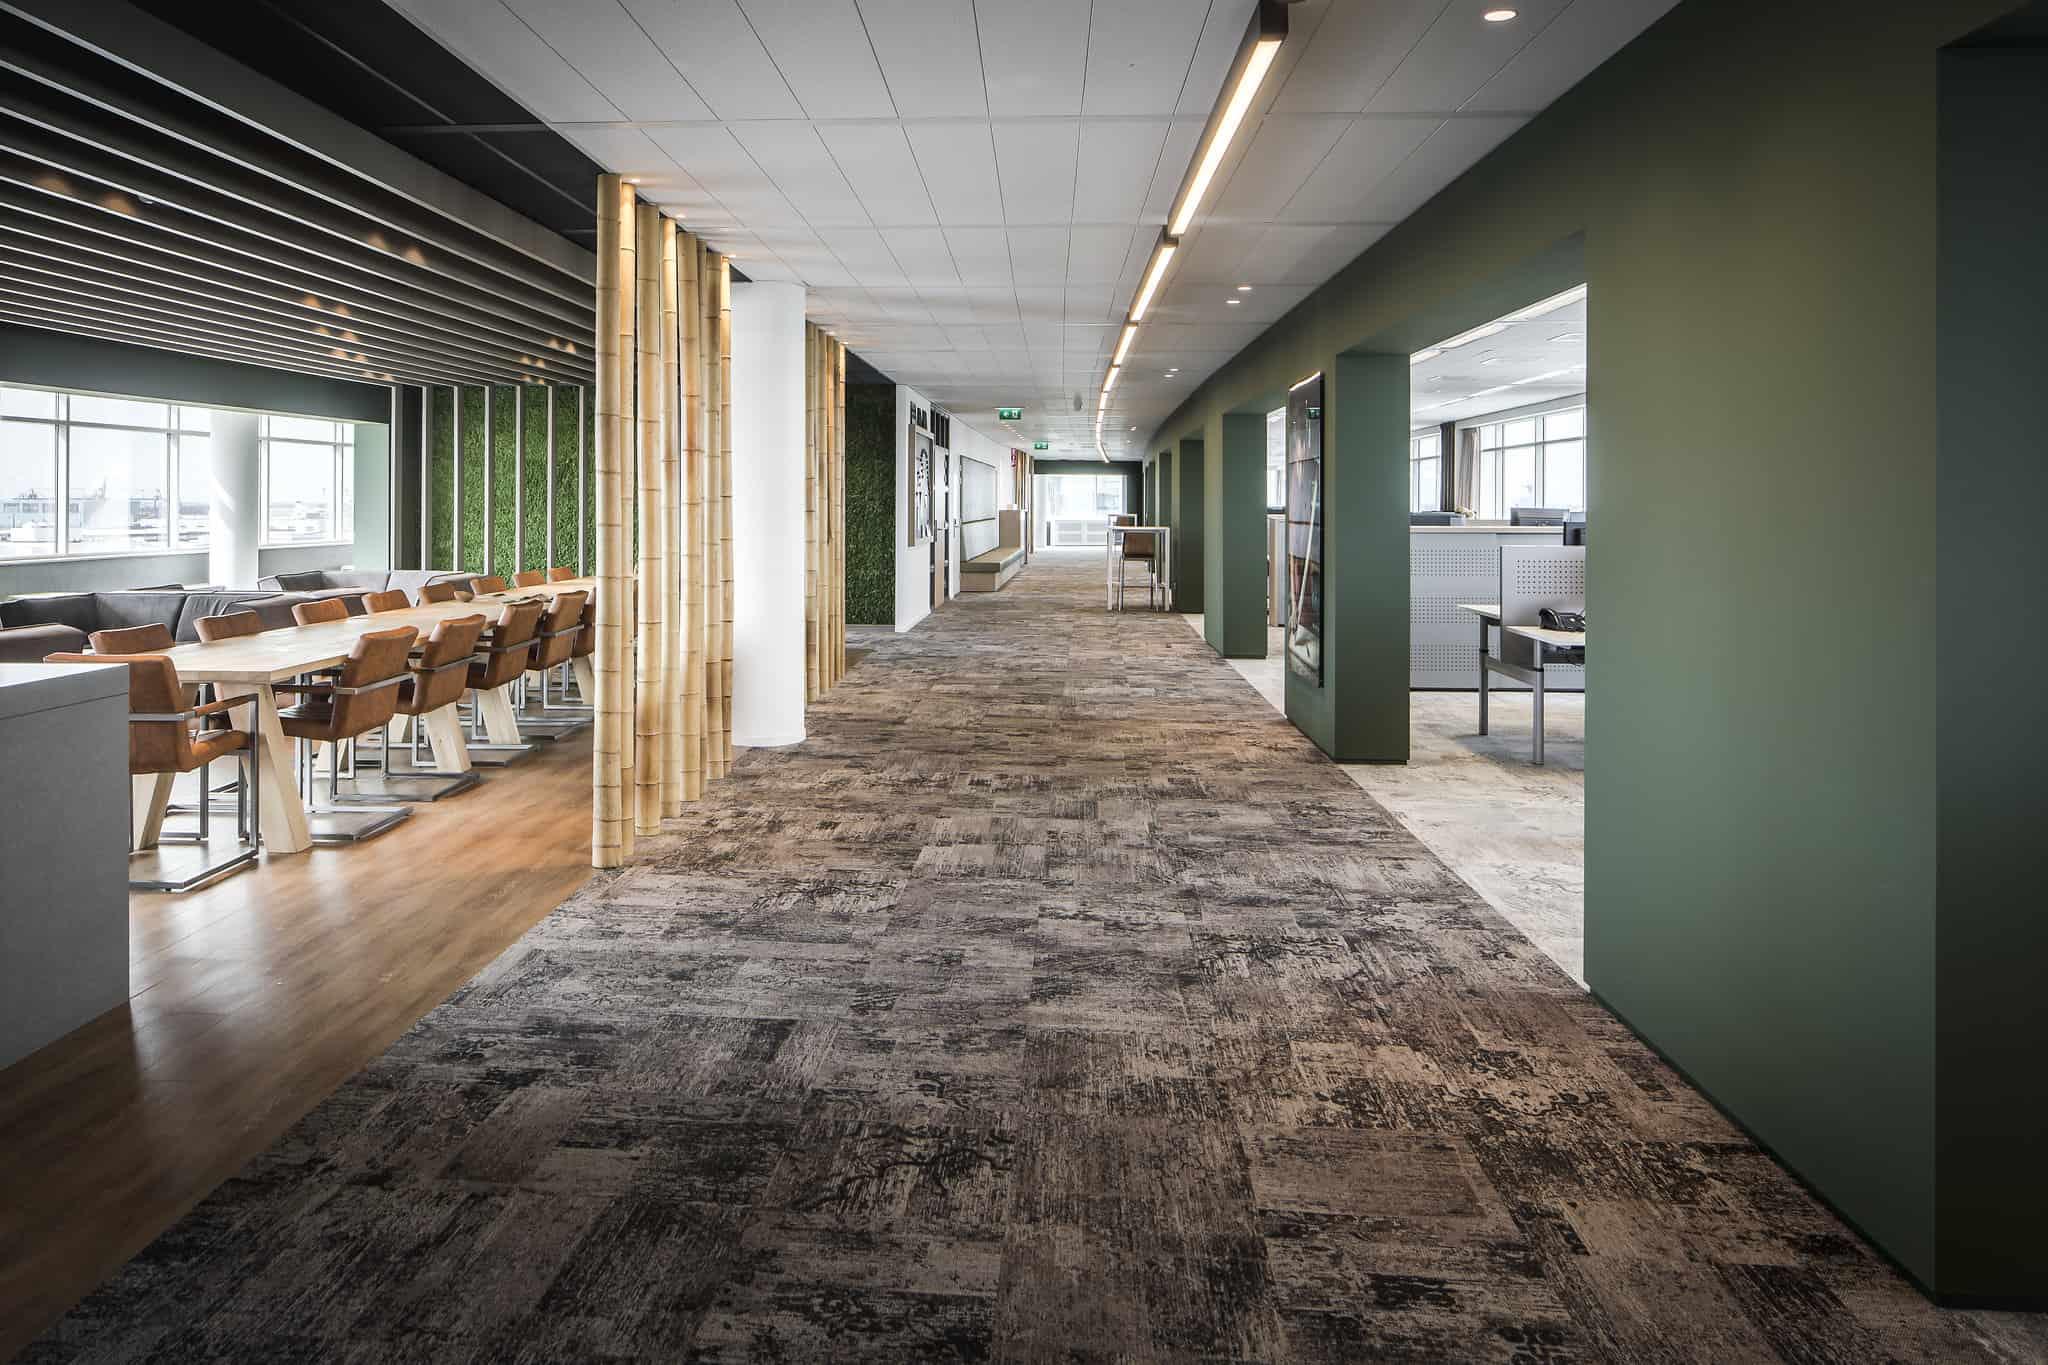 Klap interieur kantoor lange gang met links en rechts ramen lange tafel gaanderij en bureau's